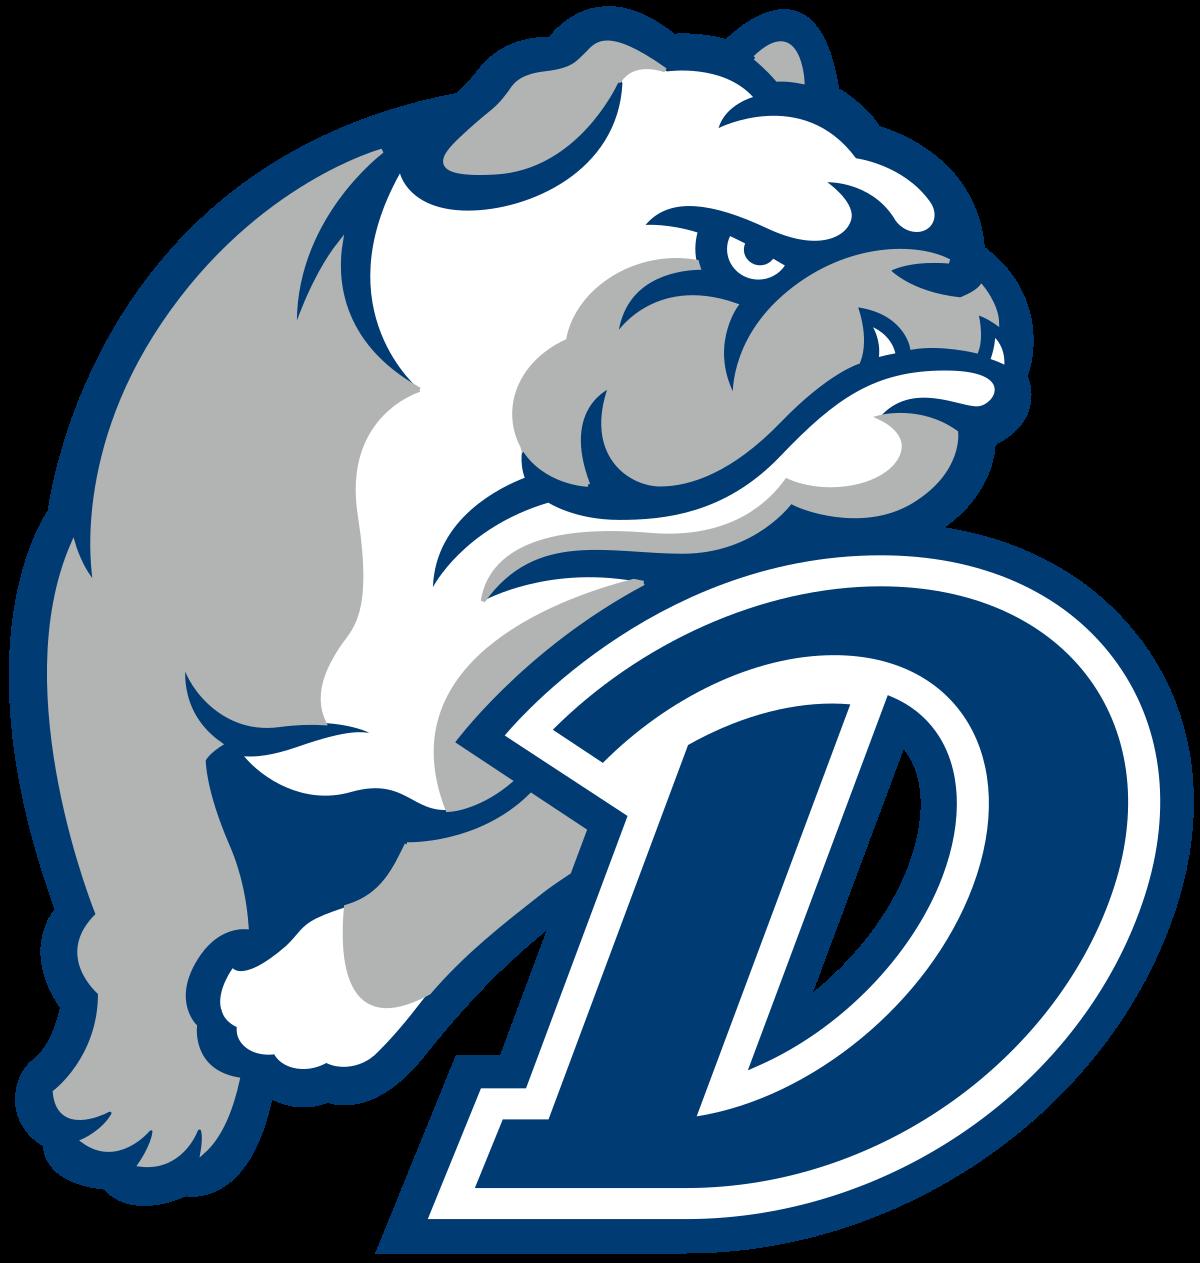 Clipart volleyball lady bulldog. Drake bulldogs wikipedia